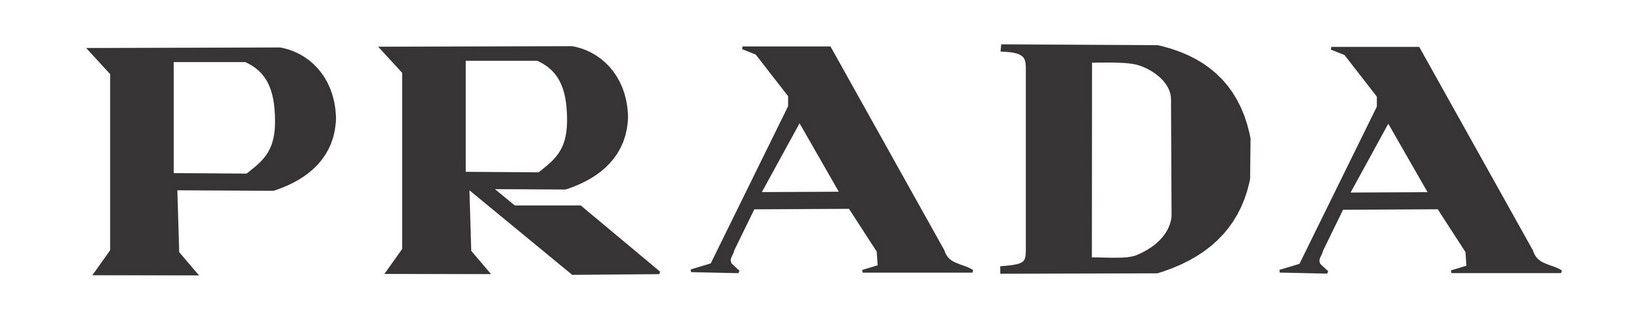 Prada Logo Eps File Adesivos Chanel Logos Marcas Fotos De Aniversario